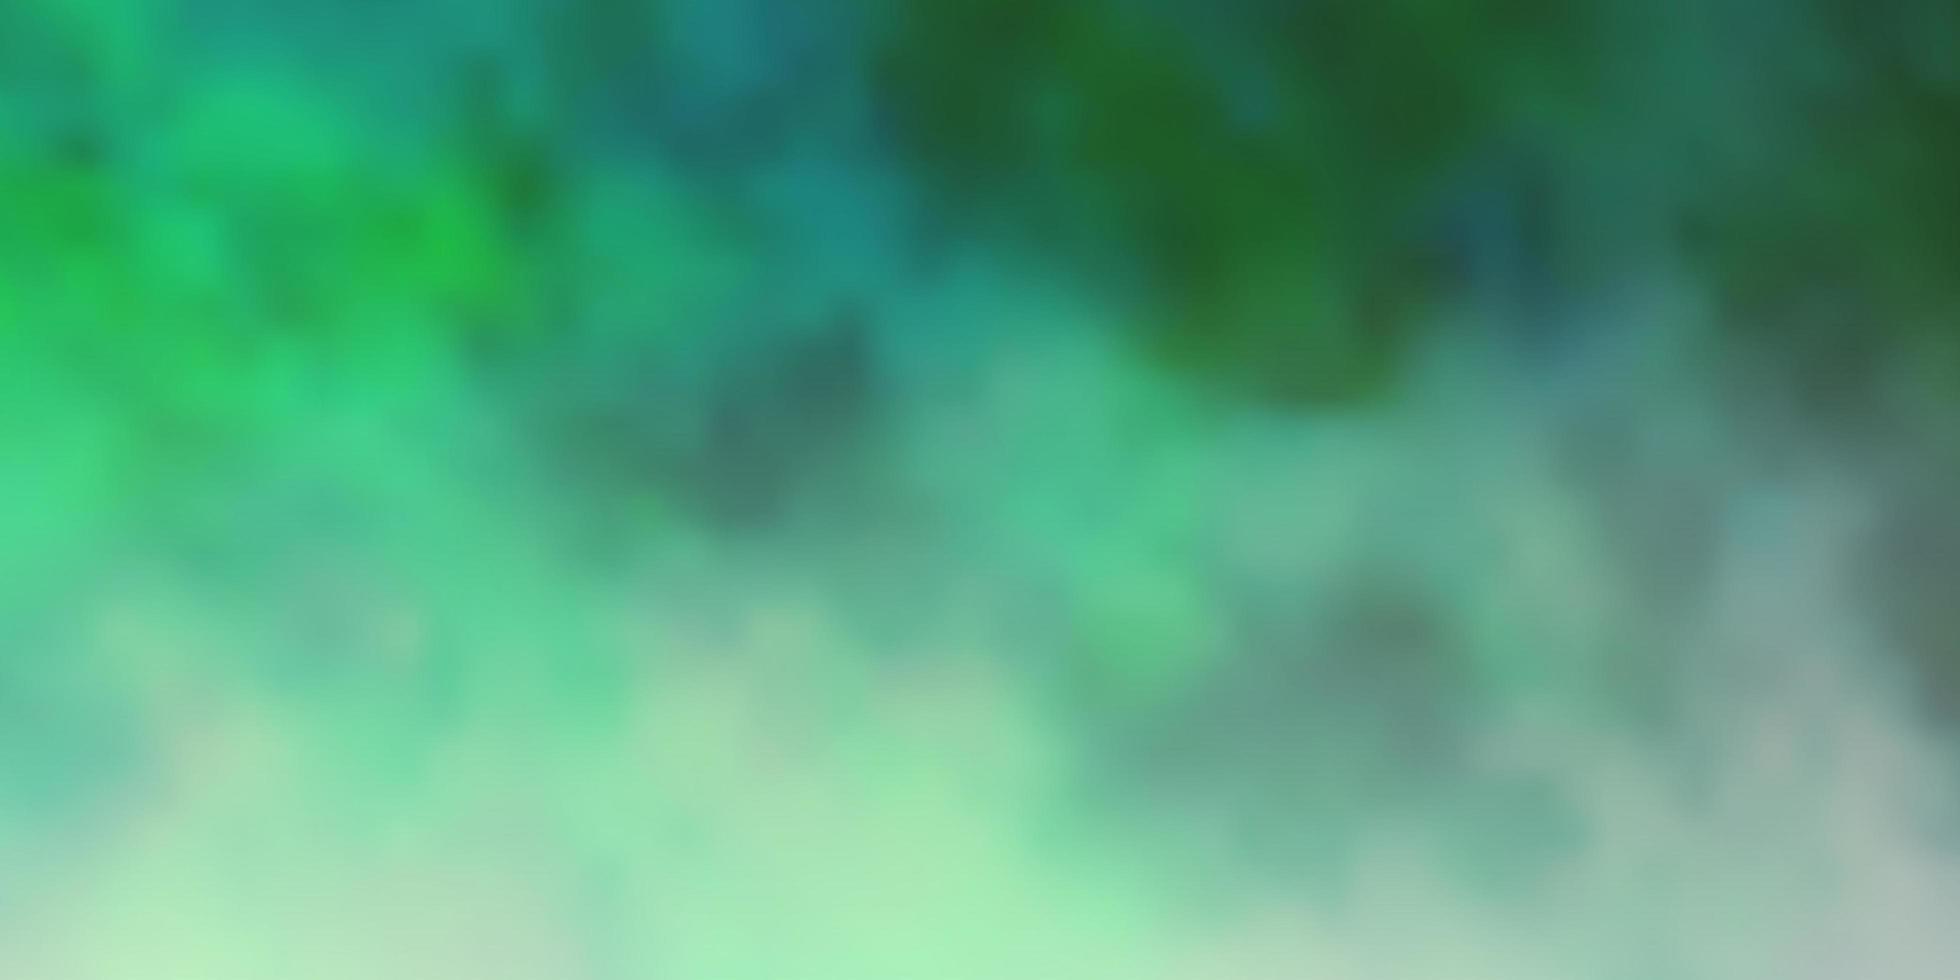 fond de vecteur vert clair avec des nuages.